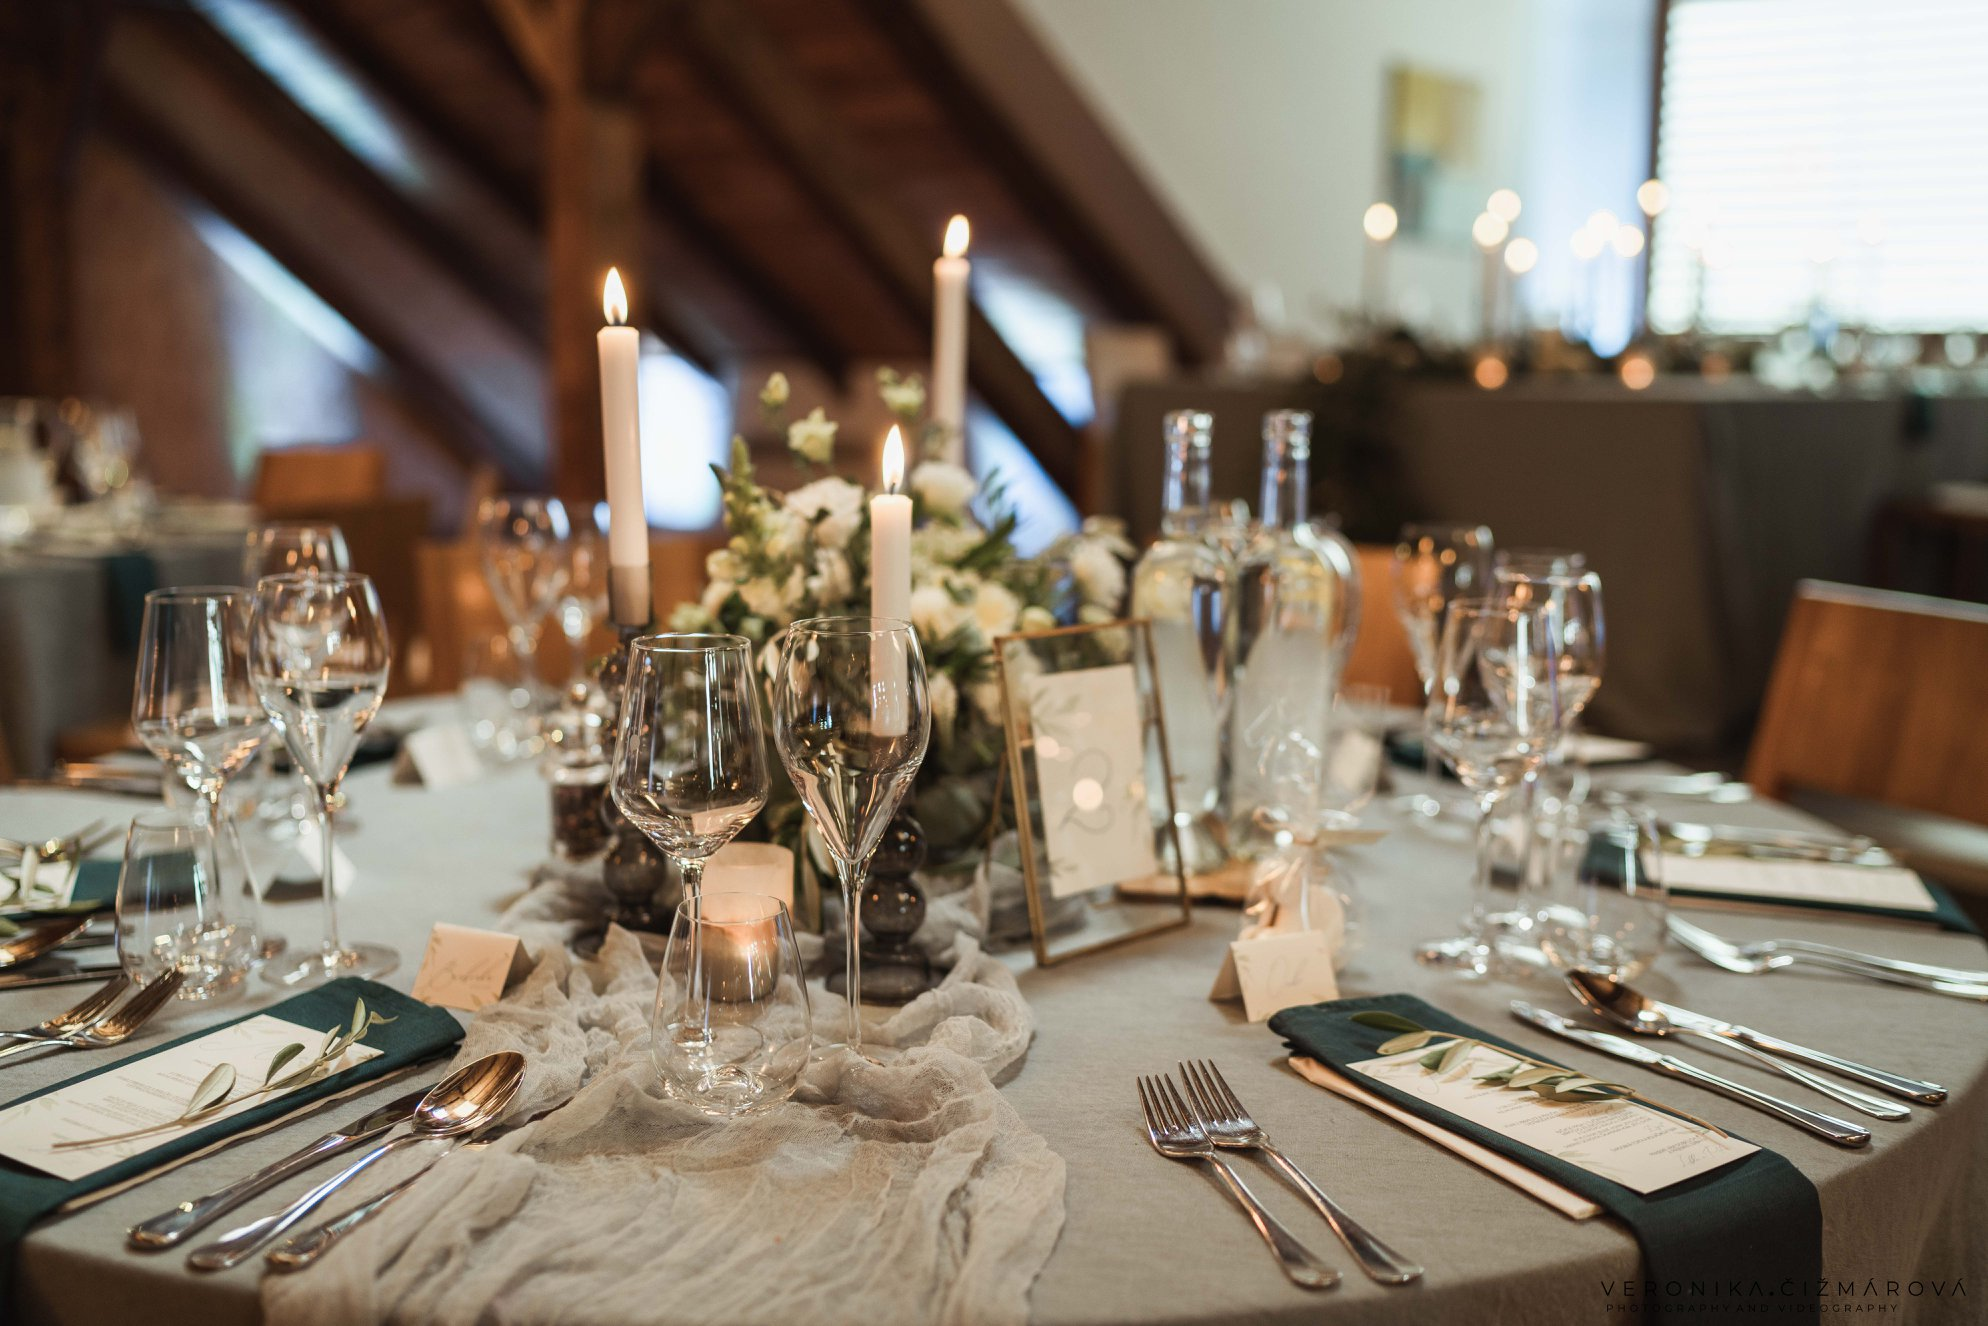 nasvietenie-osvetlenie-svadbyjpg